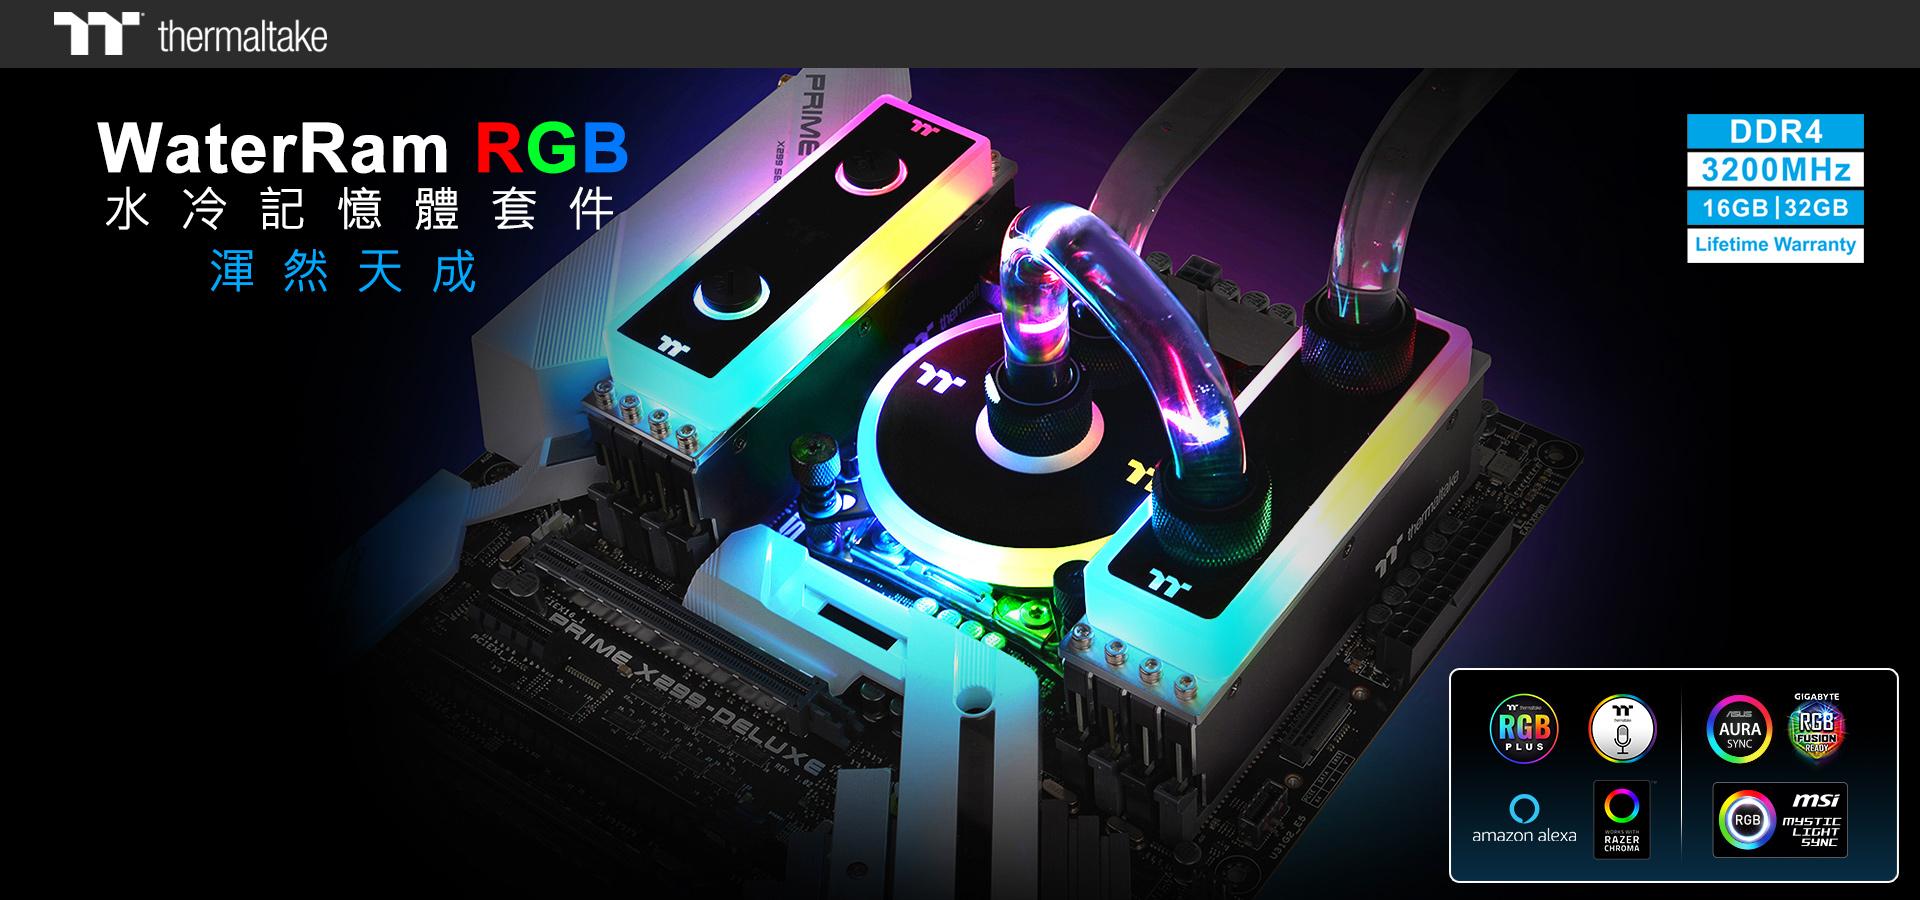 曜越世界首創WaterRam RGB水冷記憶體套件_1